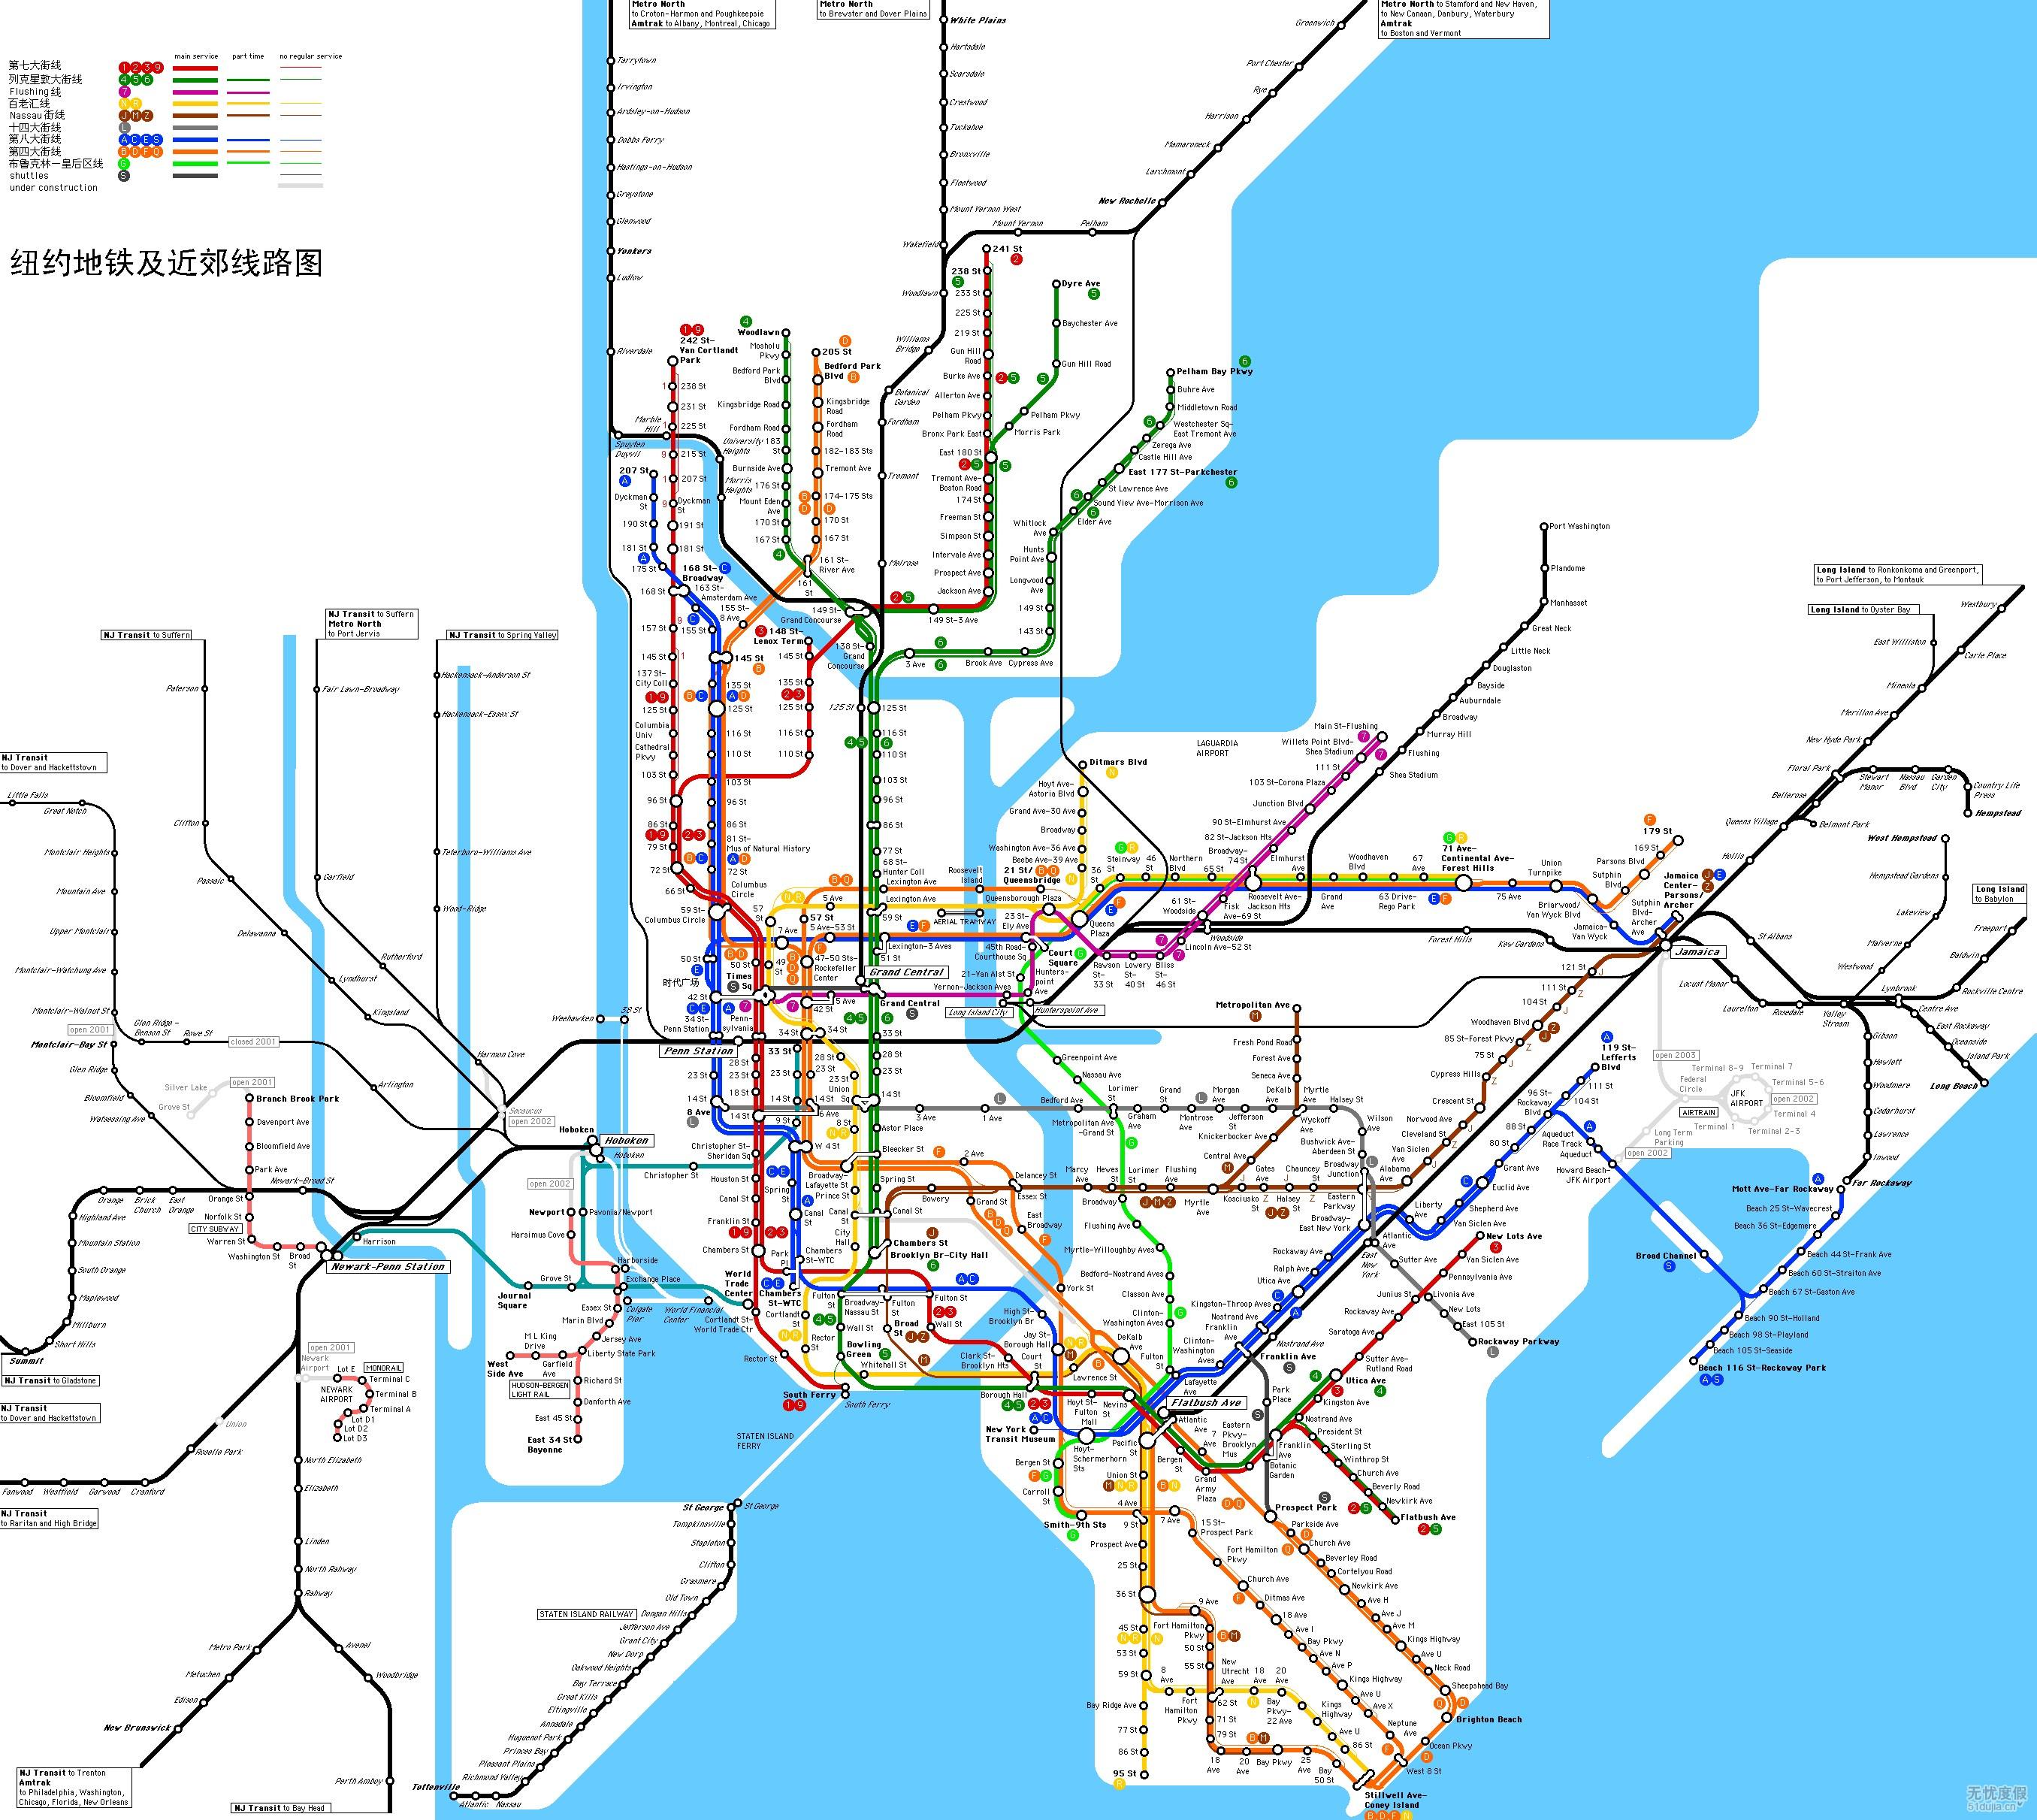 美国行政区划示意图 美国地图中文版